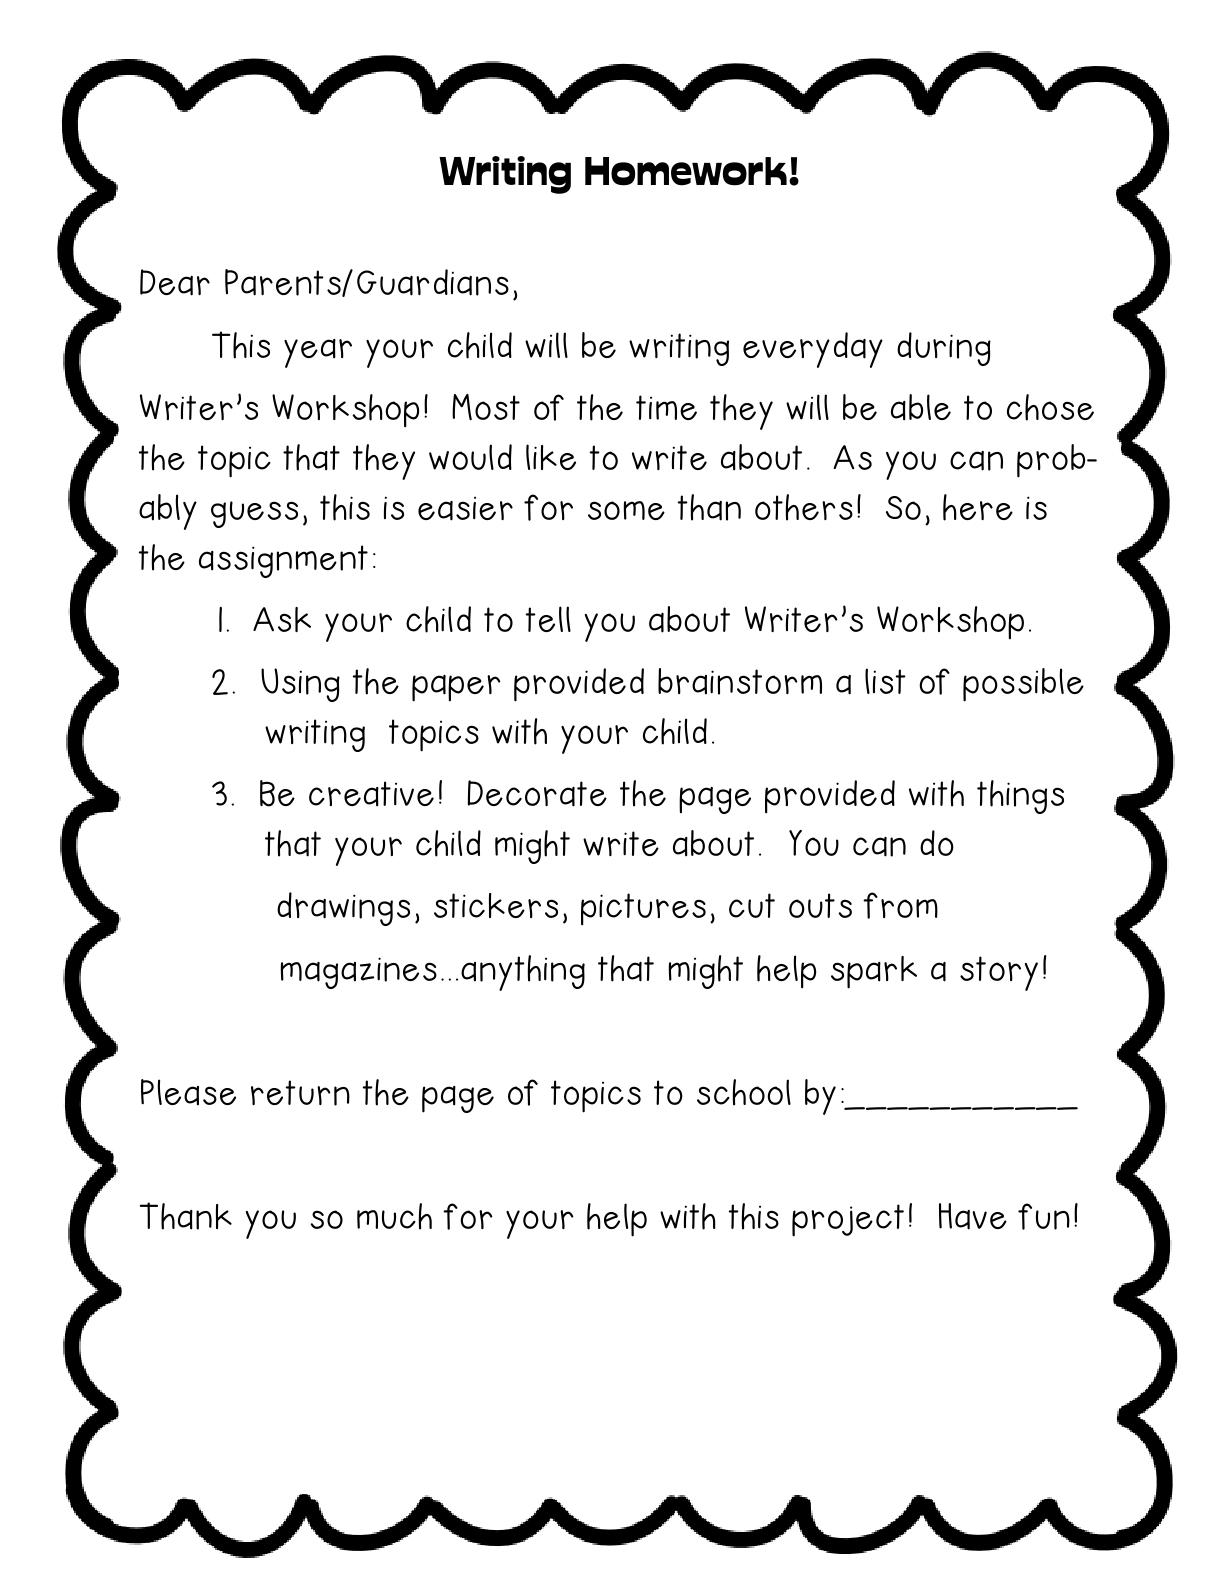 Written homework